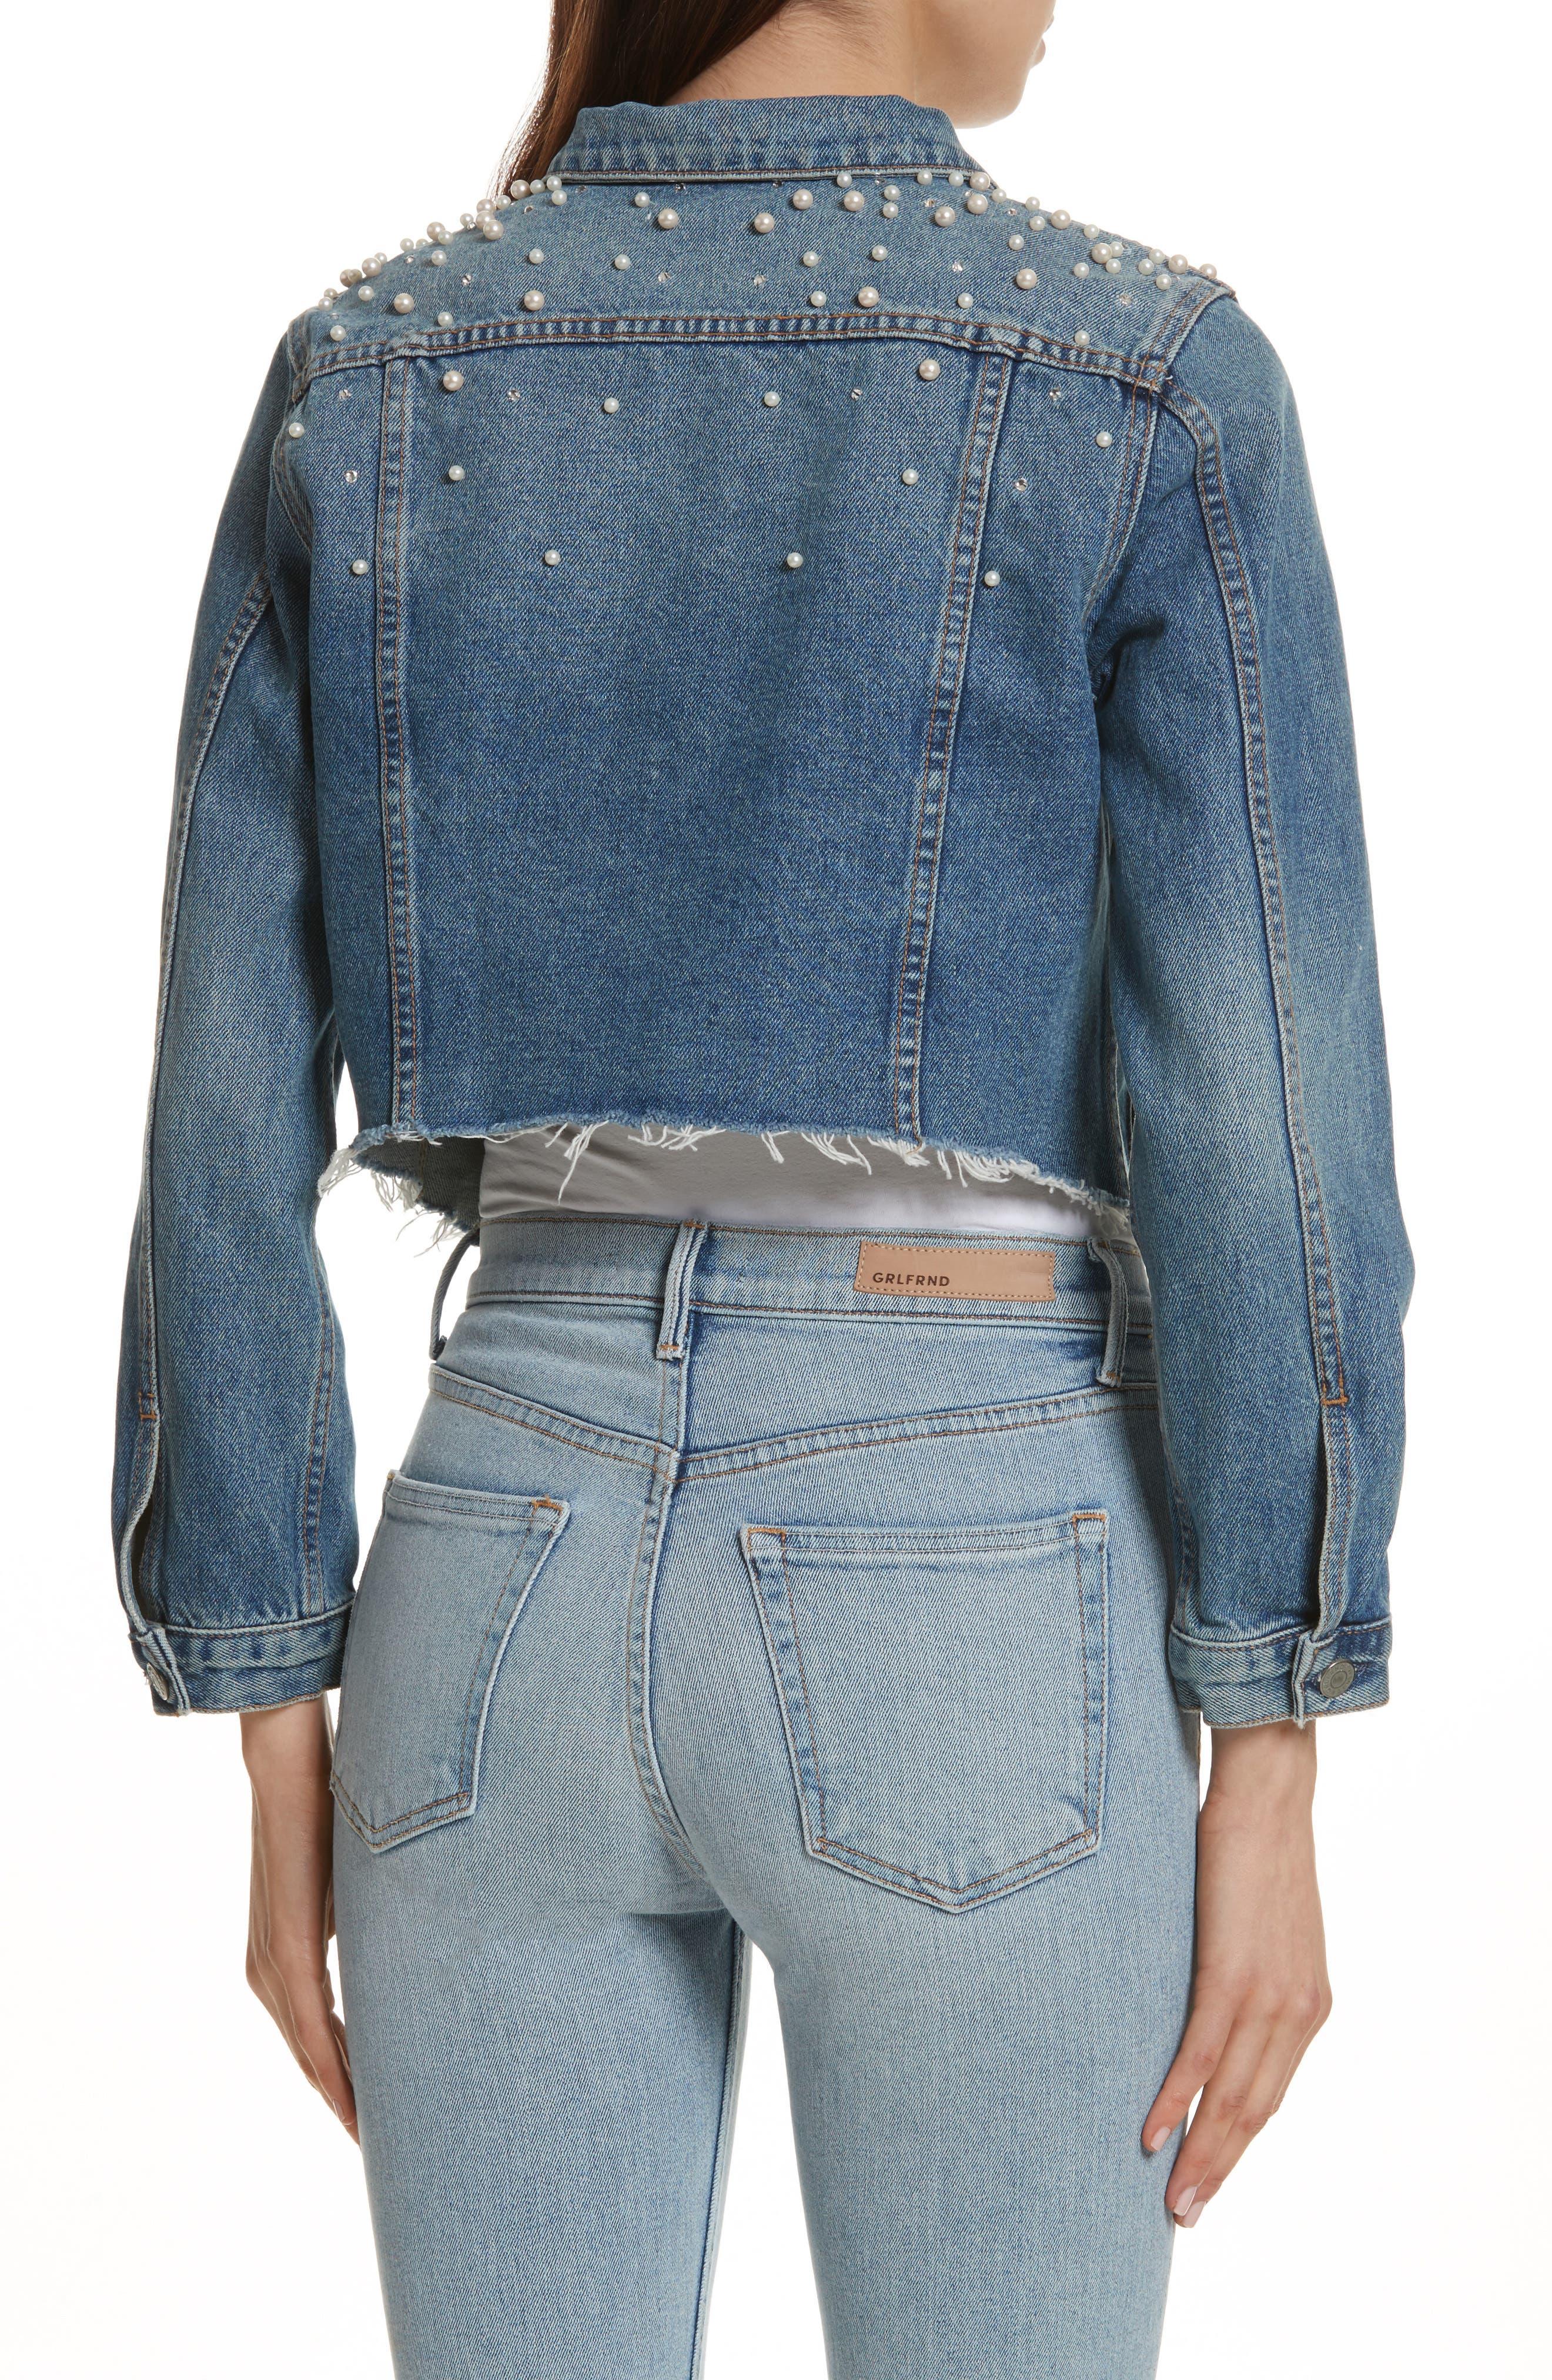 Eve Faux Pearl & Crystal Embellished Crop Denim Jacket,                             Alternate thumbnail 2, color,                             498